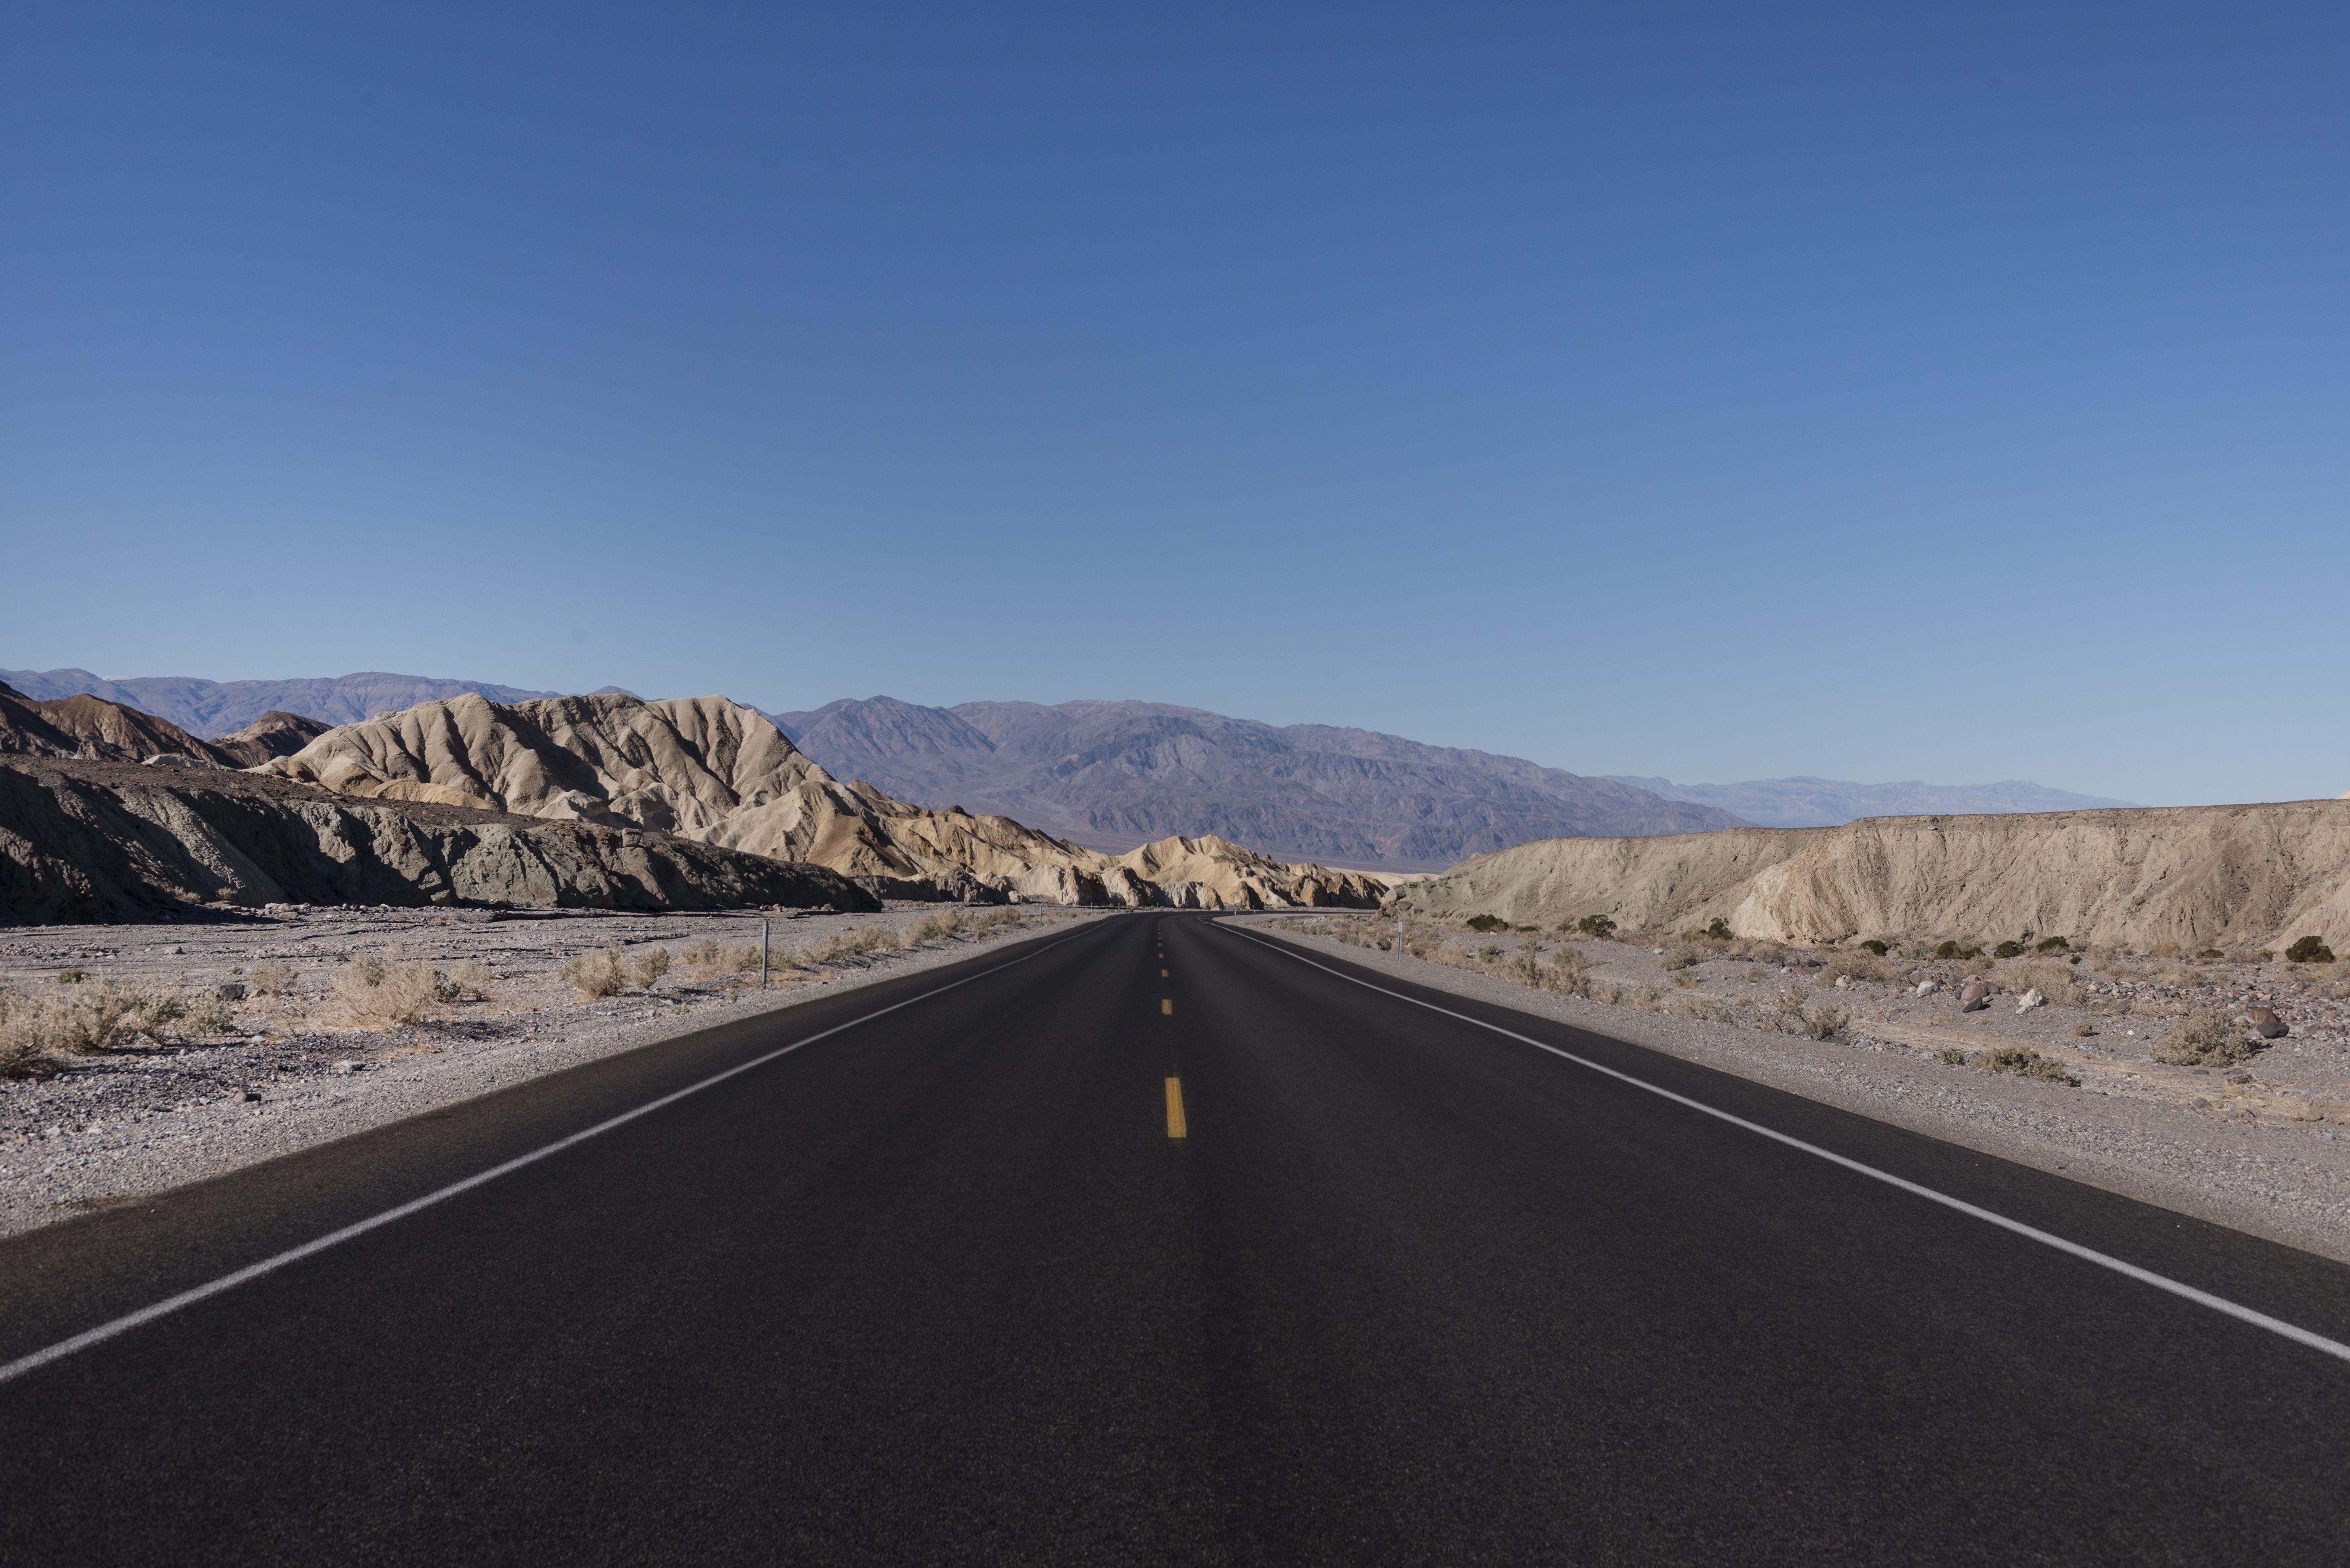 Una de las muchas carreteras largas, rectas y negras en el Valle de la Muerte de California